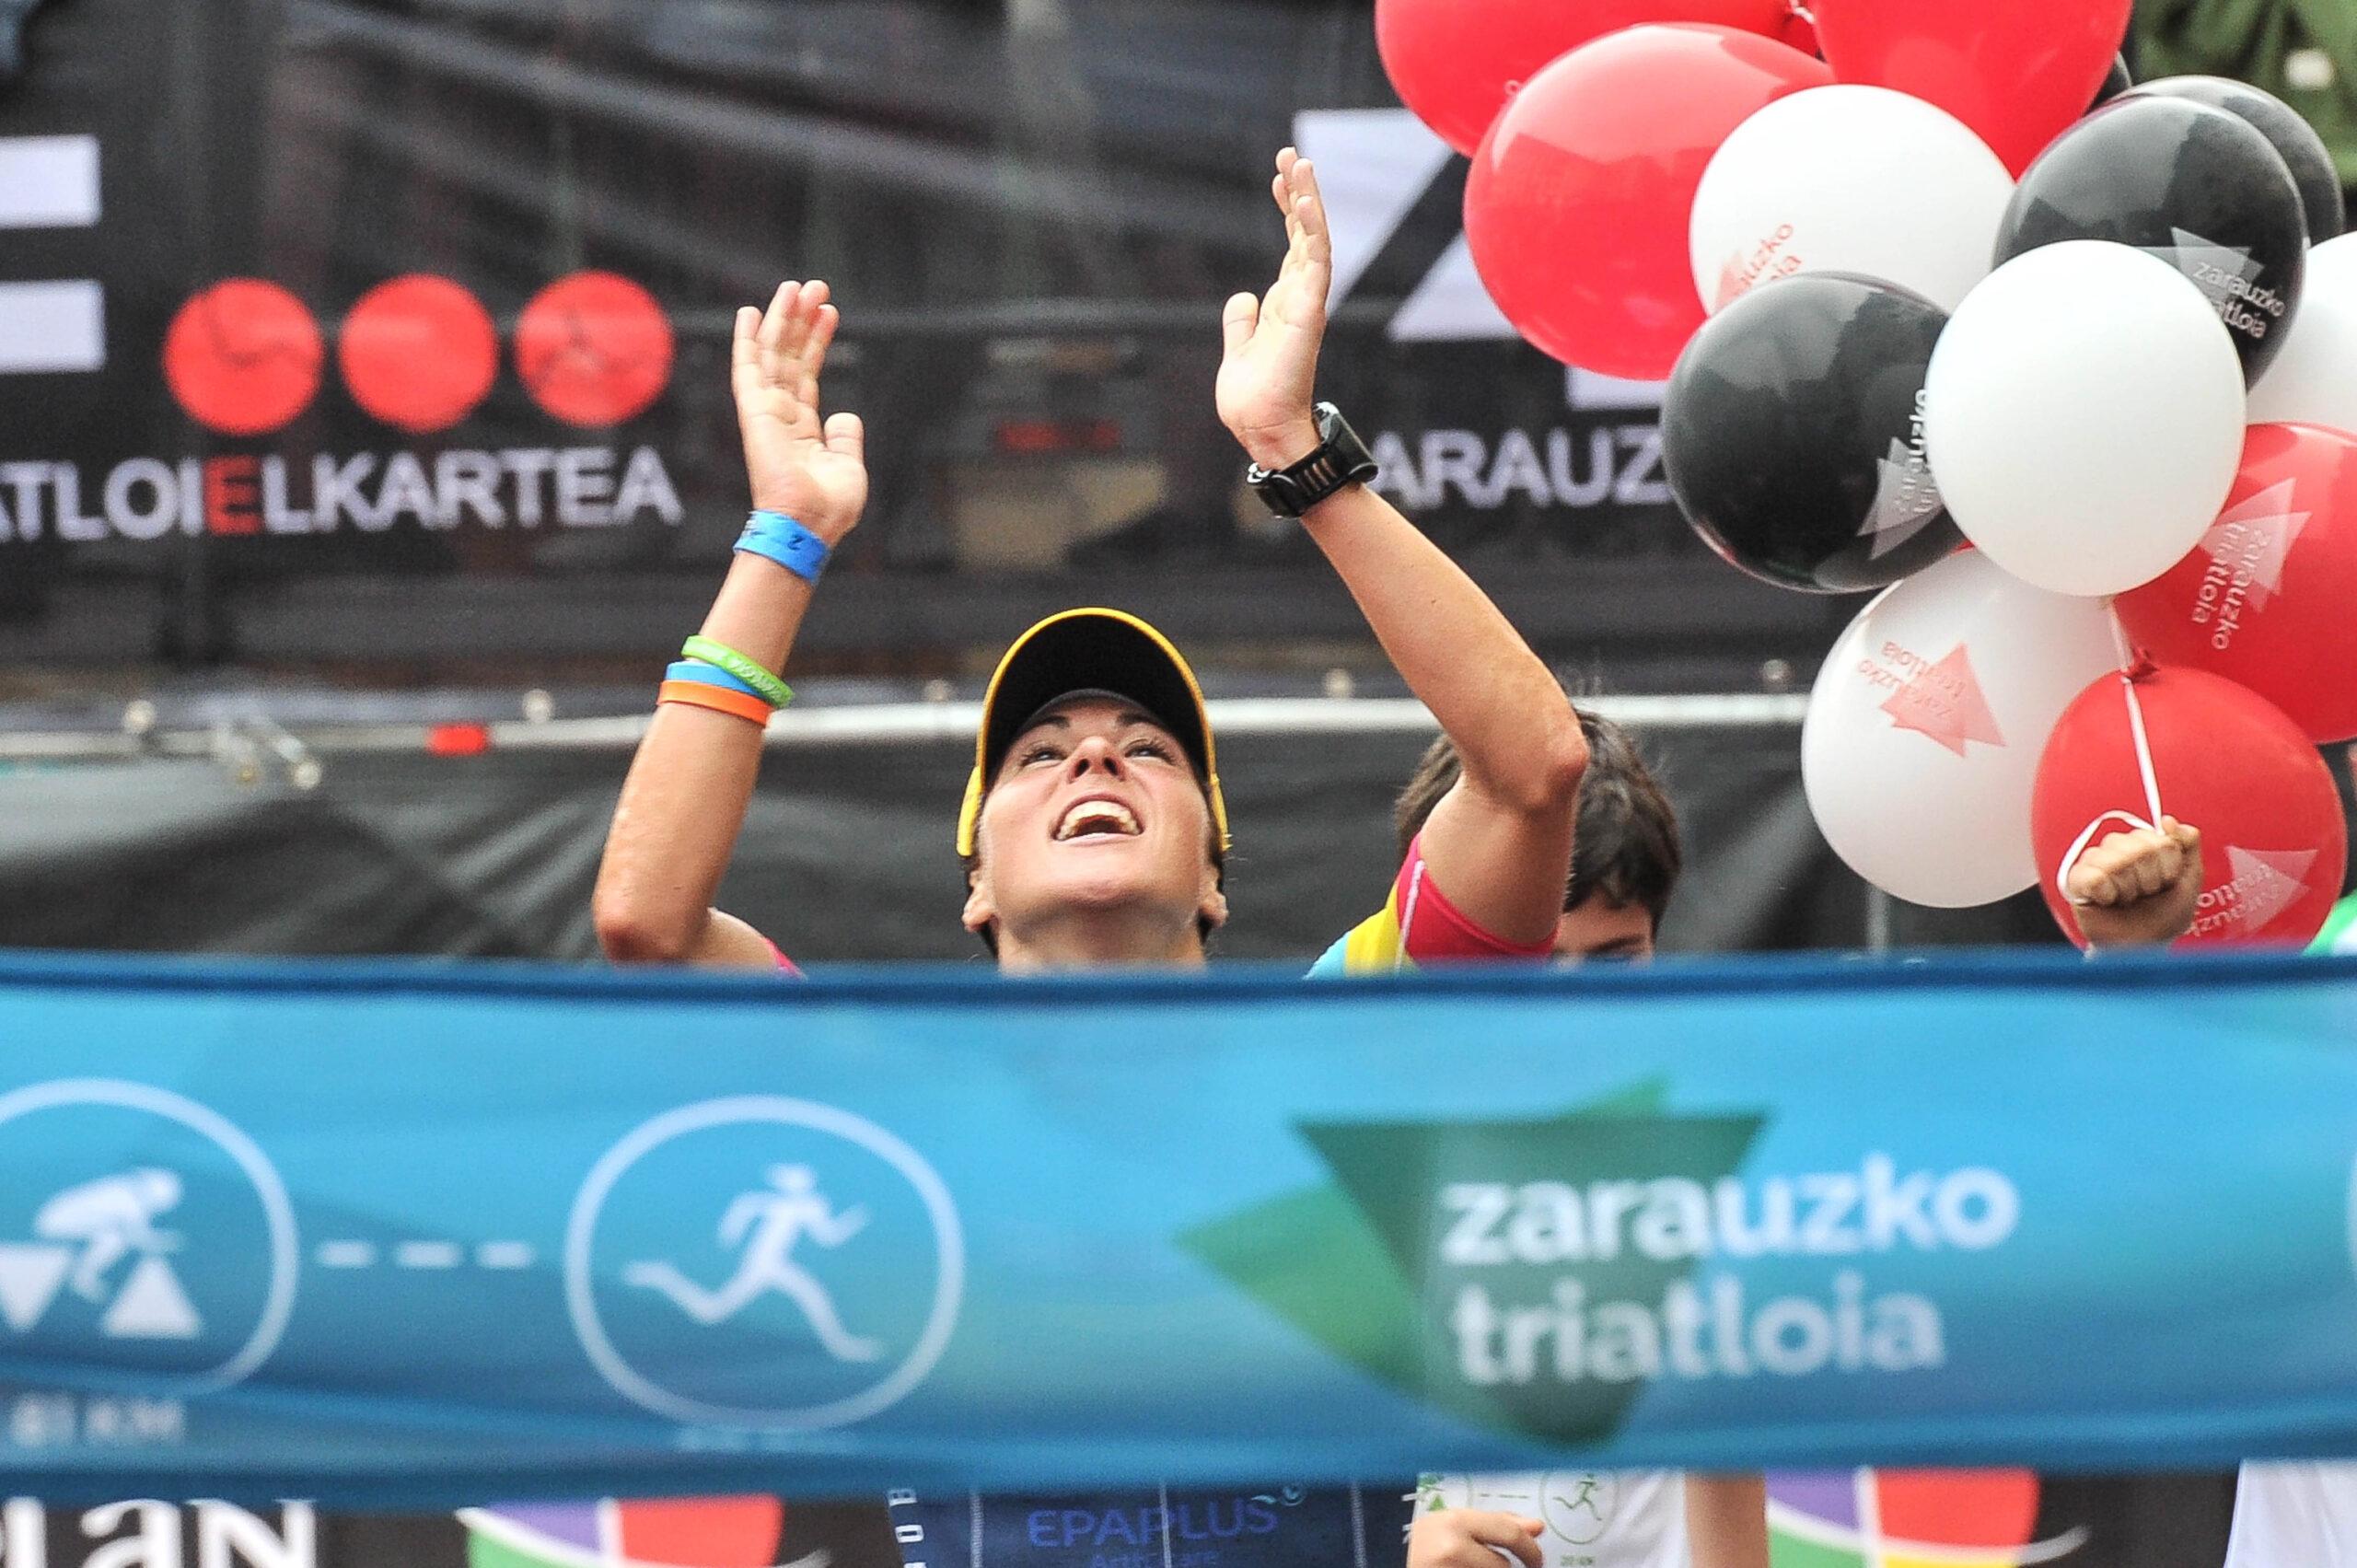 """Judith Corachan: """"La Dureza De La Prueba De La Bici Marca La Diferencia En Zarauzko Triatloia»"""